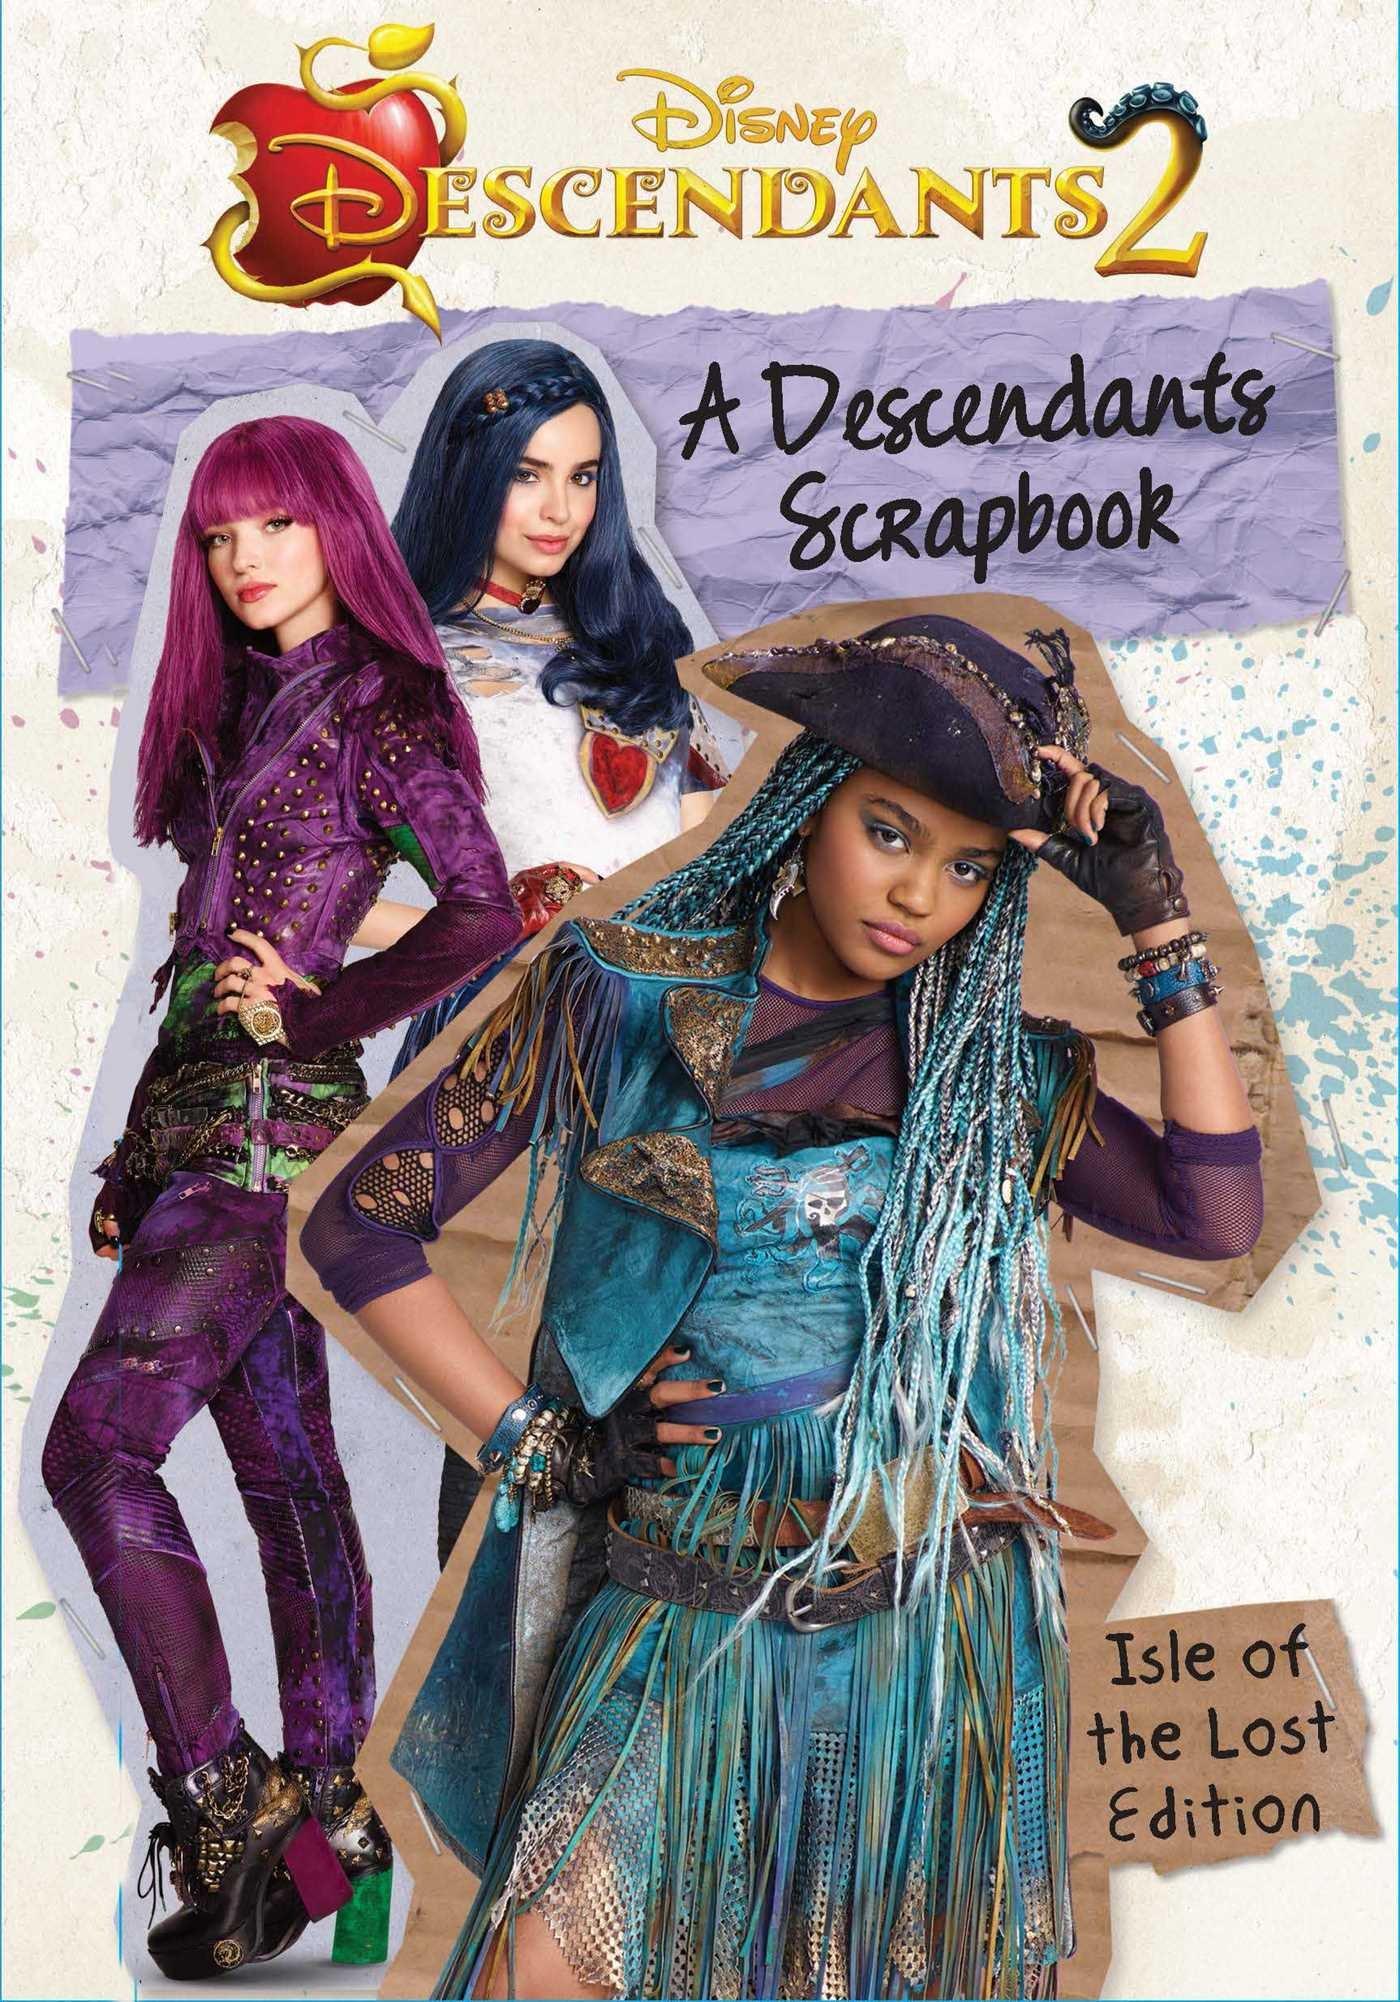 amazon a descendants scrapbook the isle of the lost edition